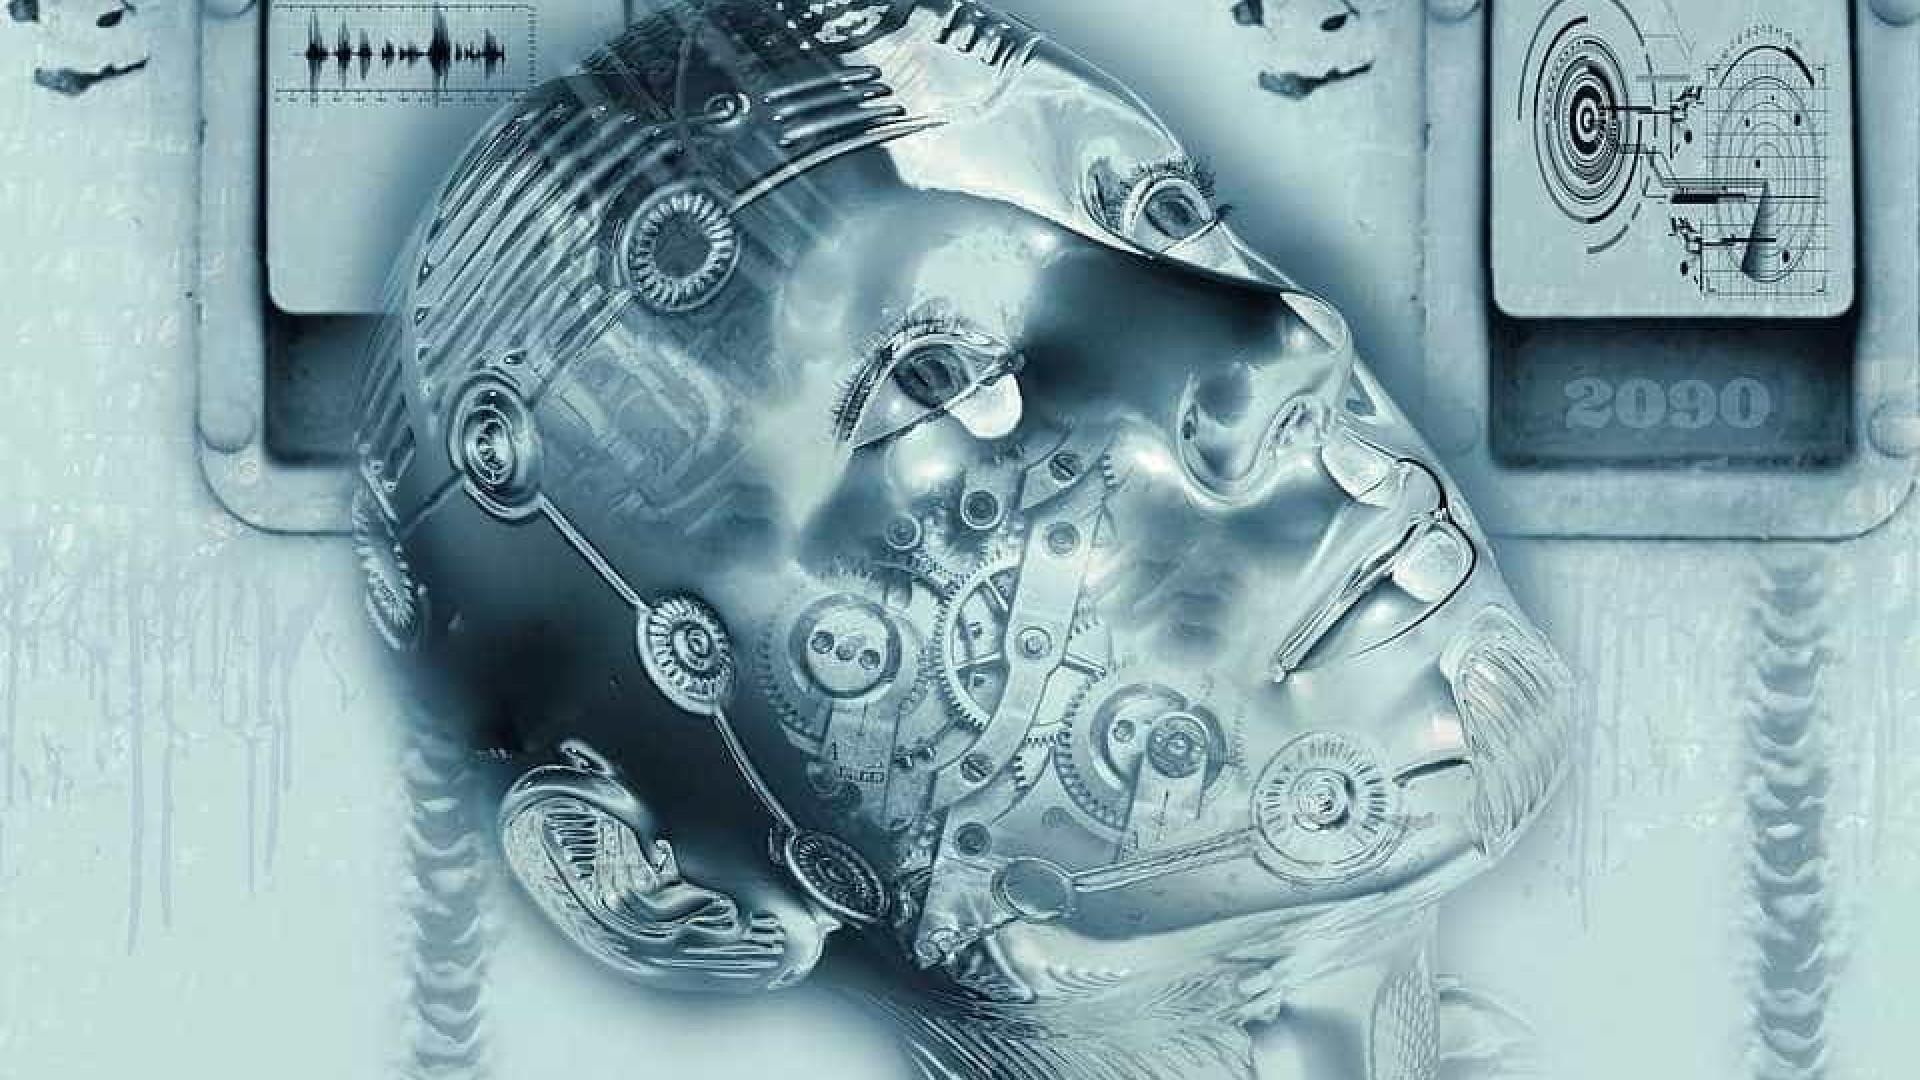 Inteligência artificial: disputa entre robôs e humanos afetará salários